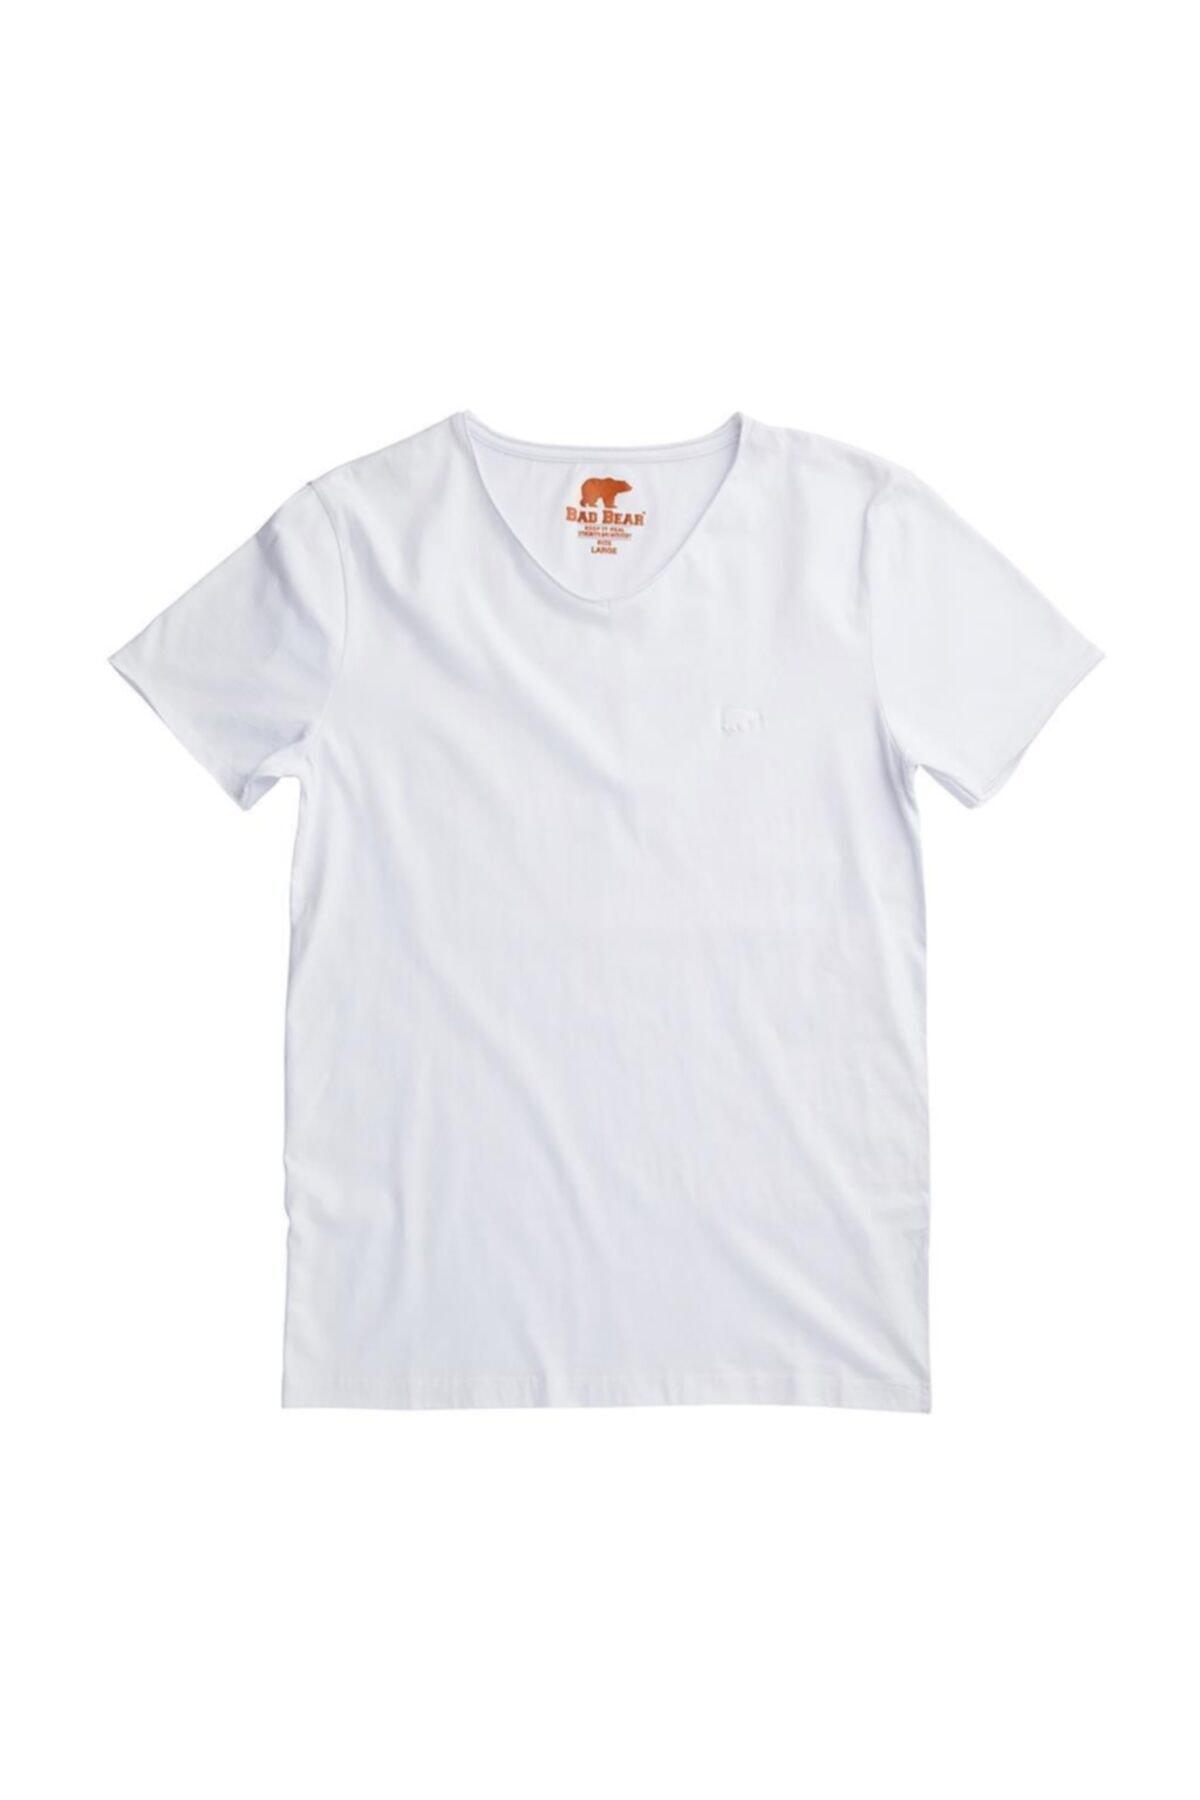 Bad Bear Erkek T-shirt V Yaka 1